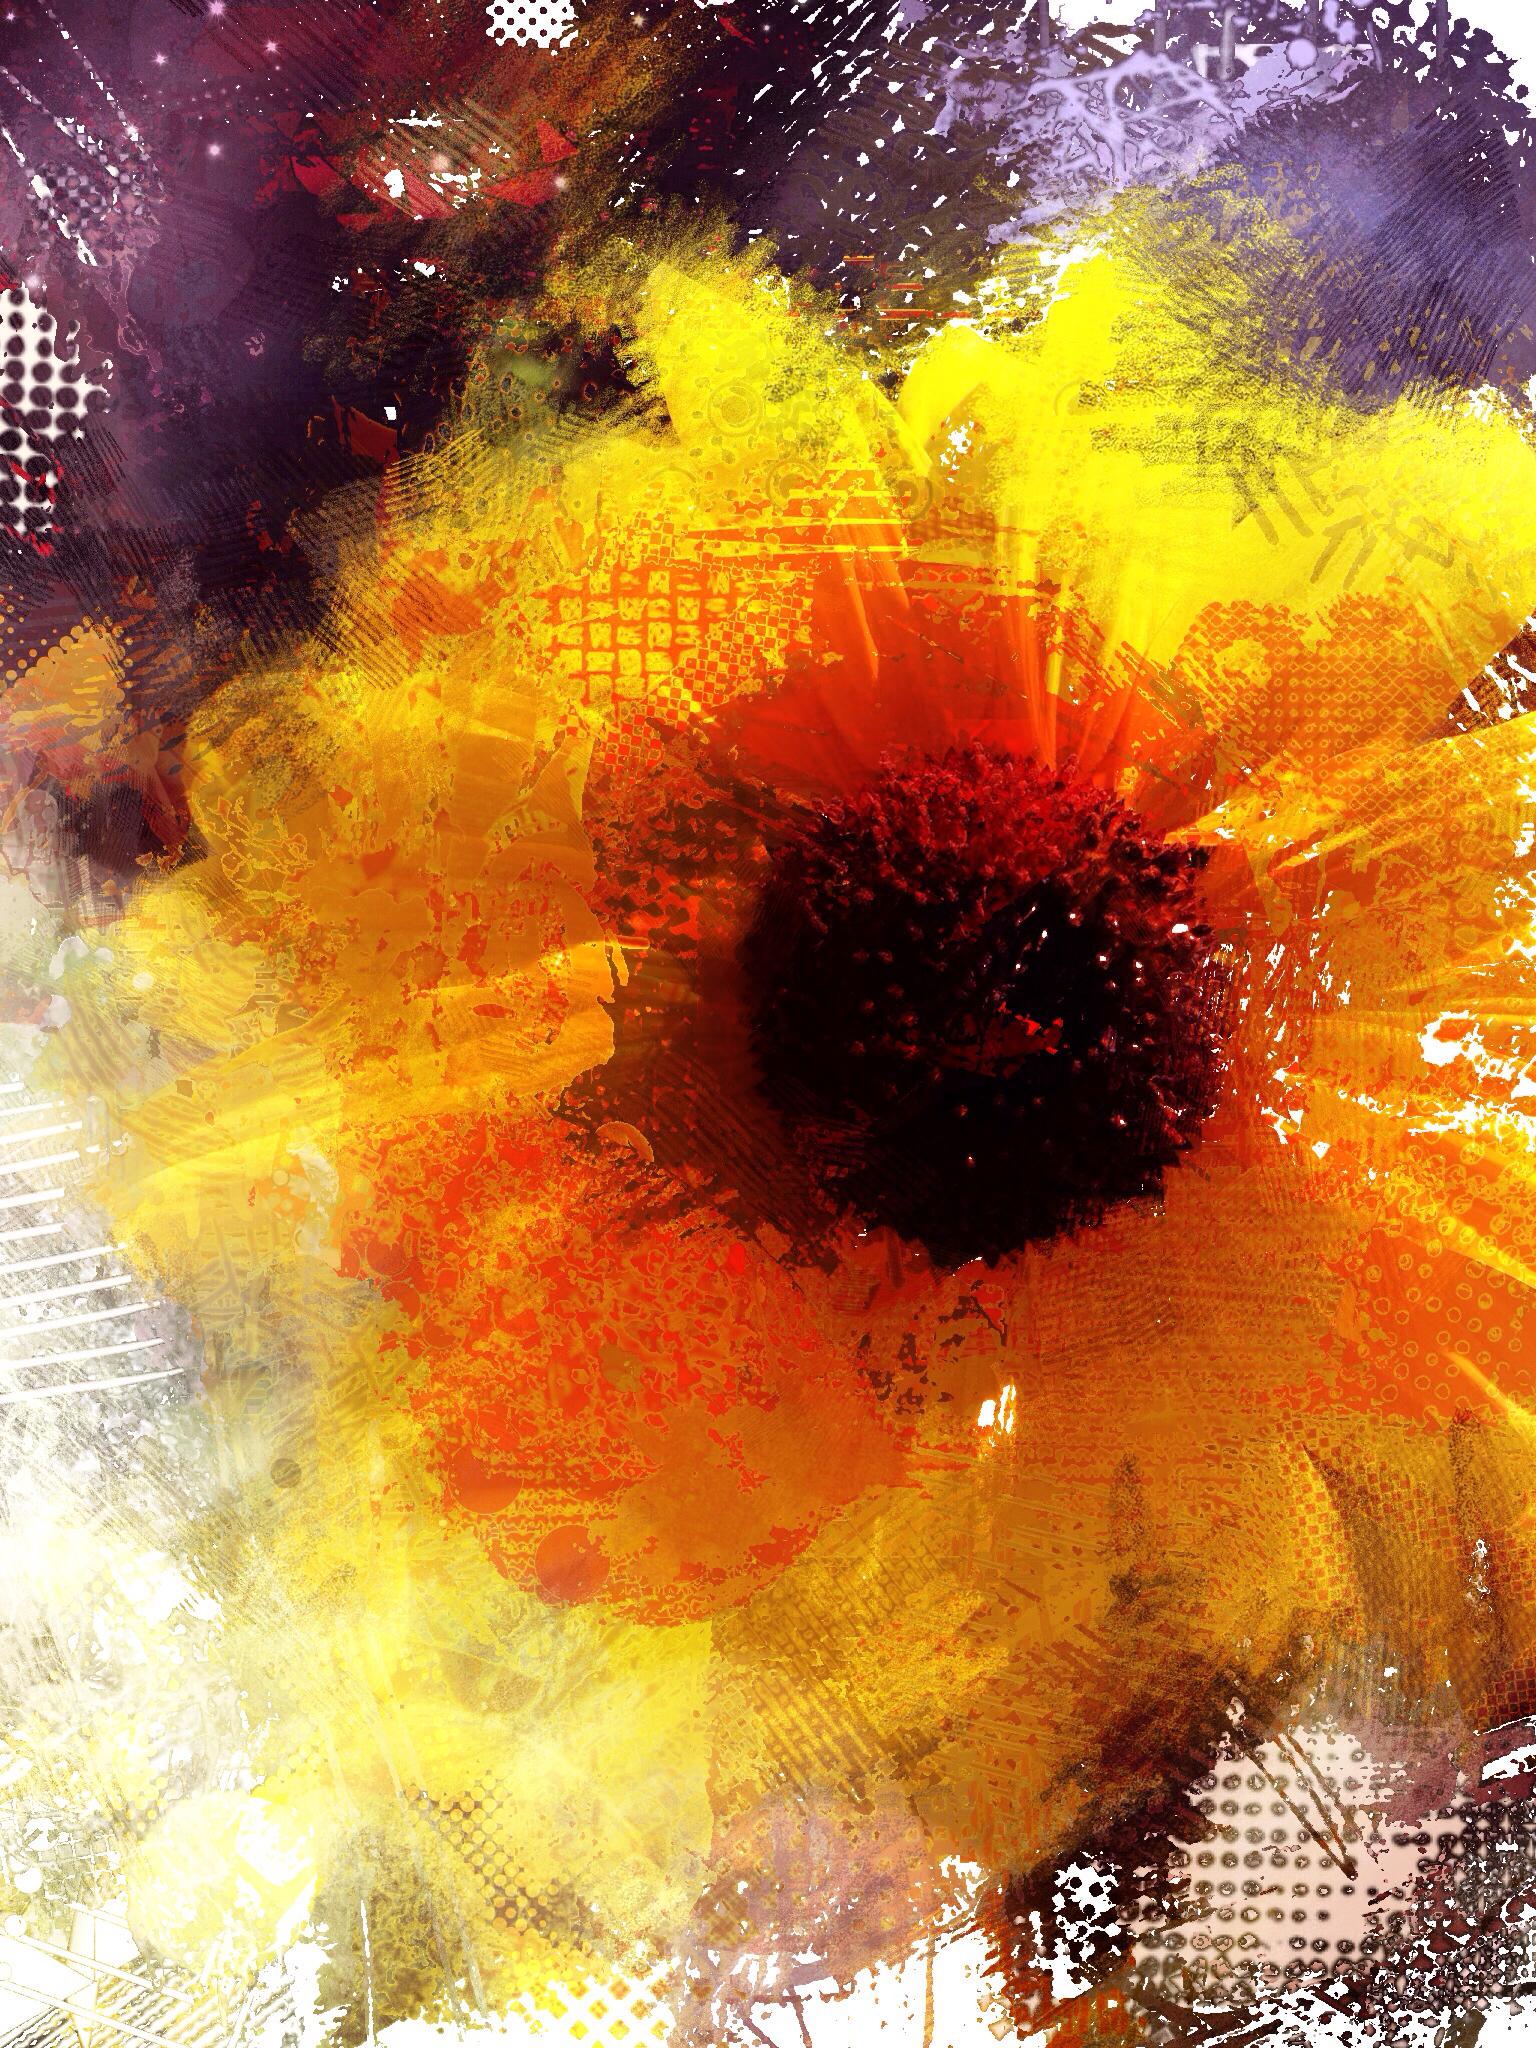 James Metcalf ~ Sunspot